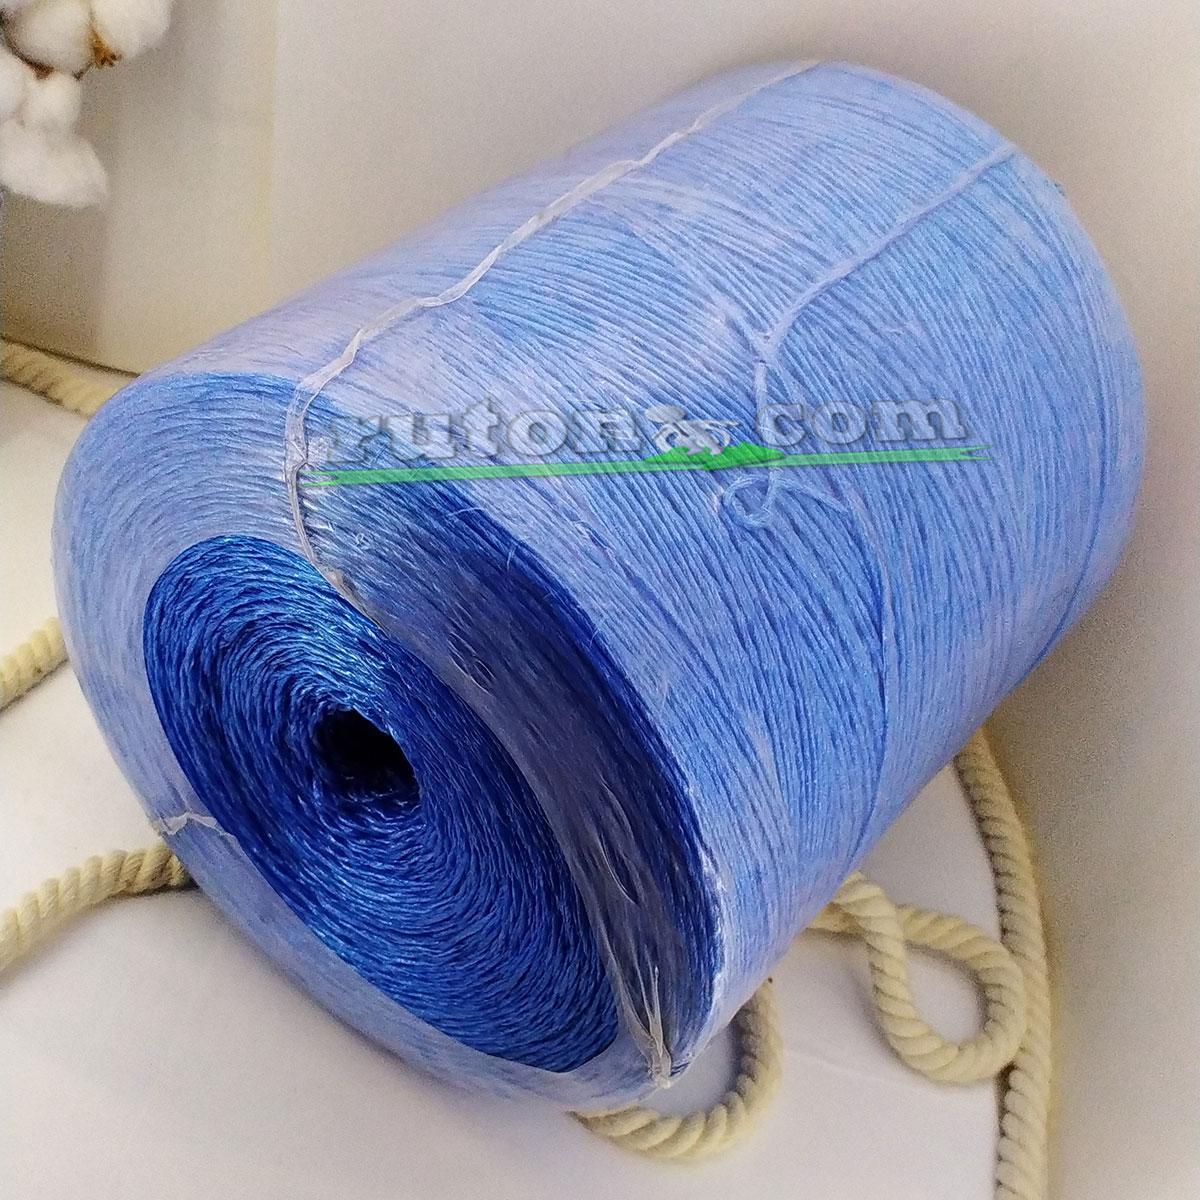 Шпагат веревка, подвязочная нить 4 кг. - 6000 м